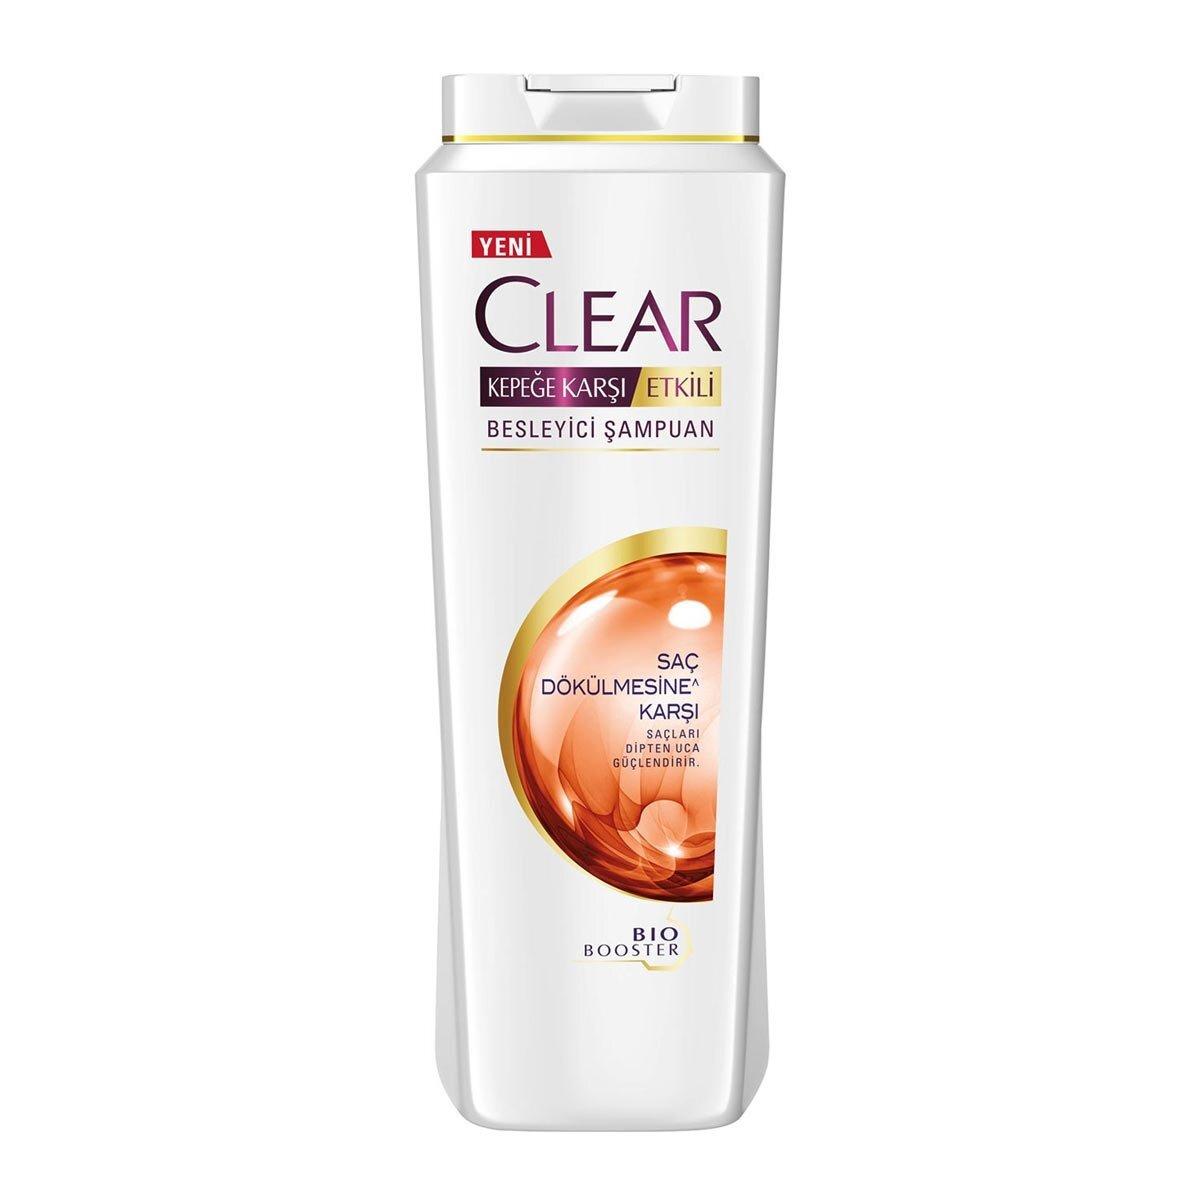 Women Saç Dökülmesine Karşı Şampuan 500 ml